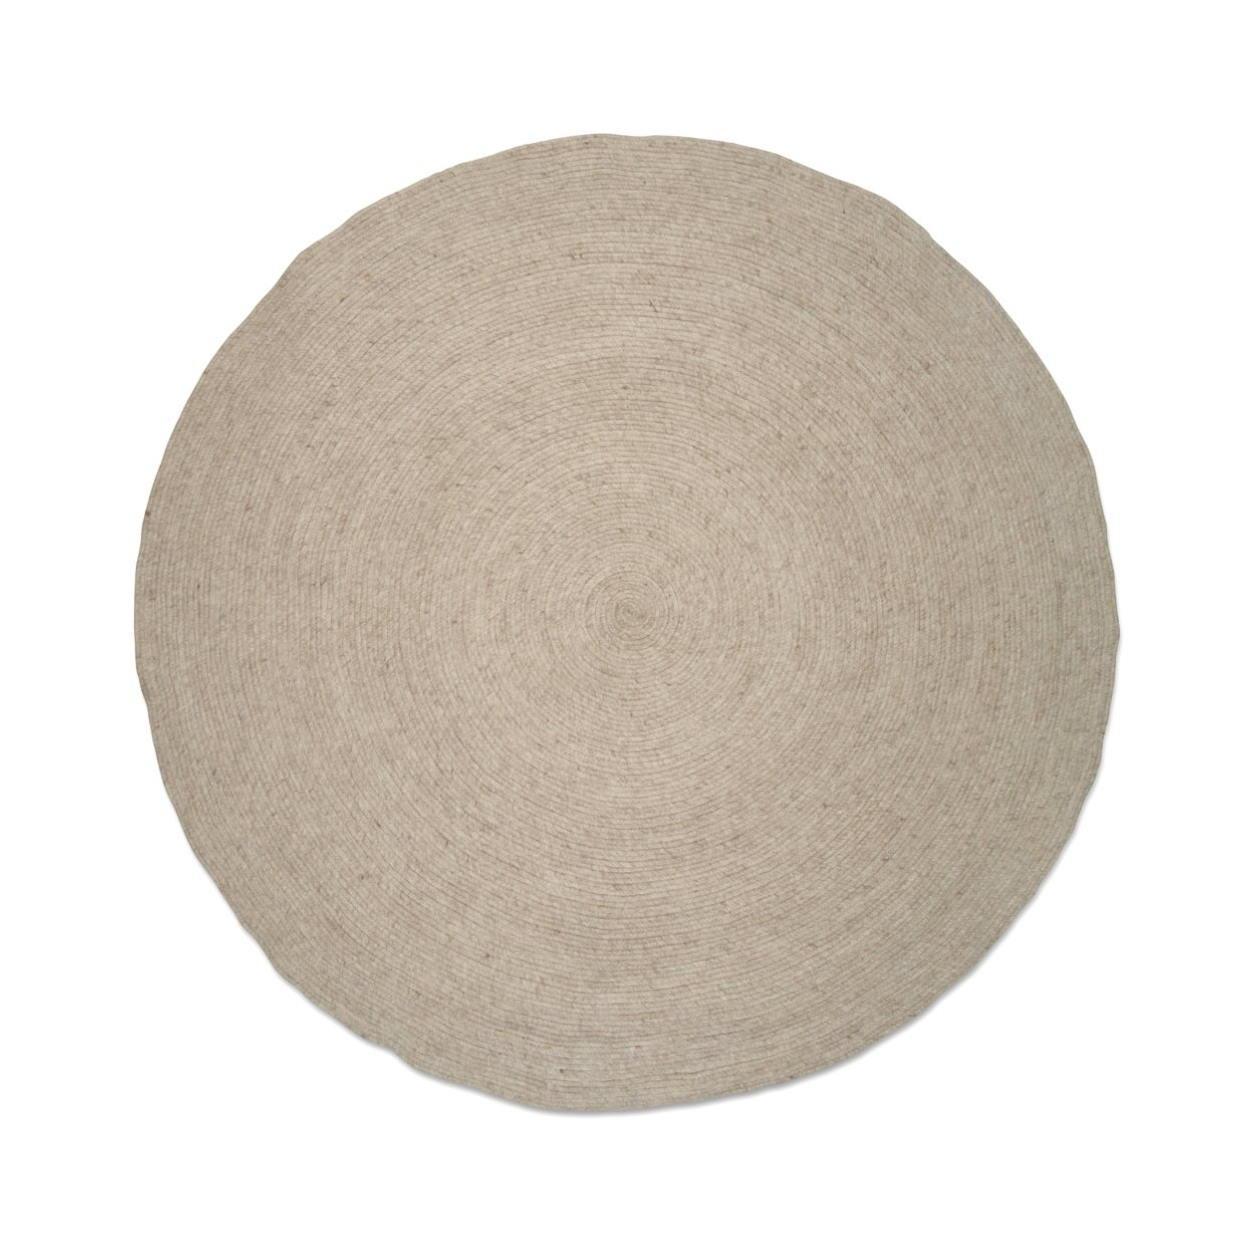 Rund ullmatta Merino oat 160 cm, Classic Collection